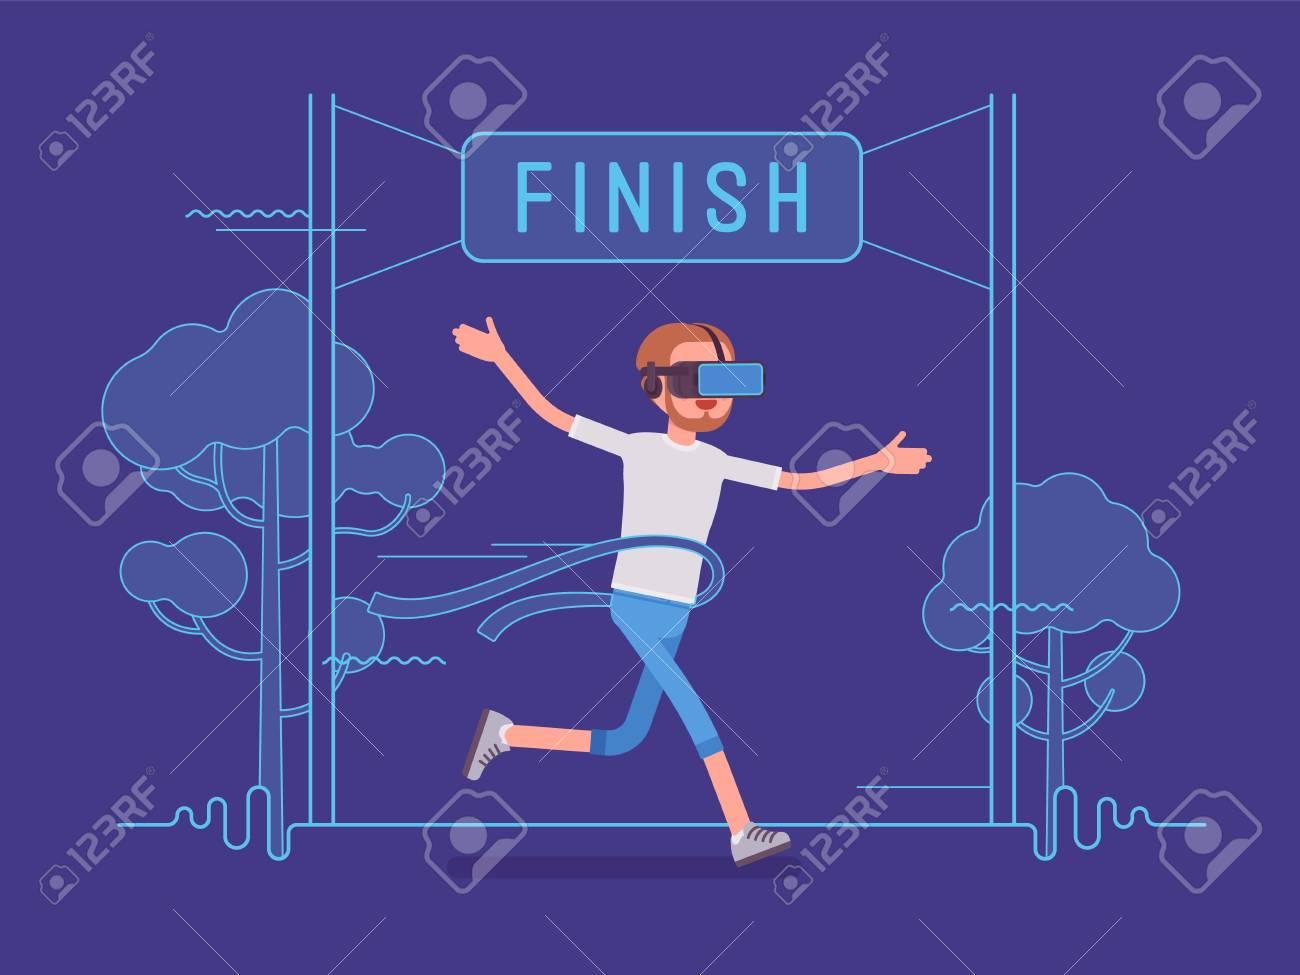 VR 男を実行し、勝利します。スポーツ マラソンの人工環境を作成する ...